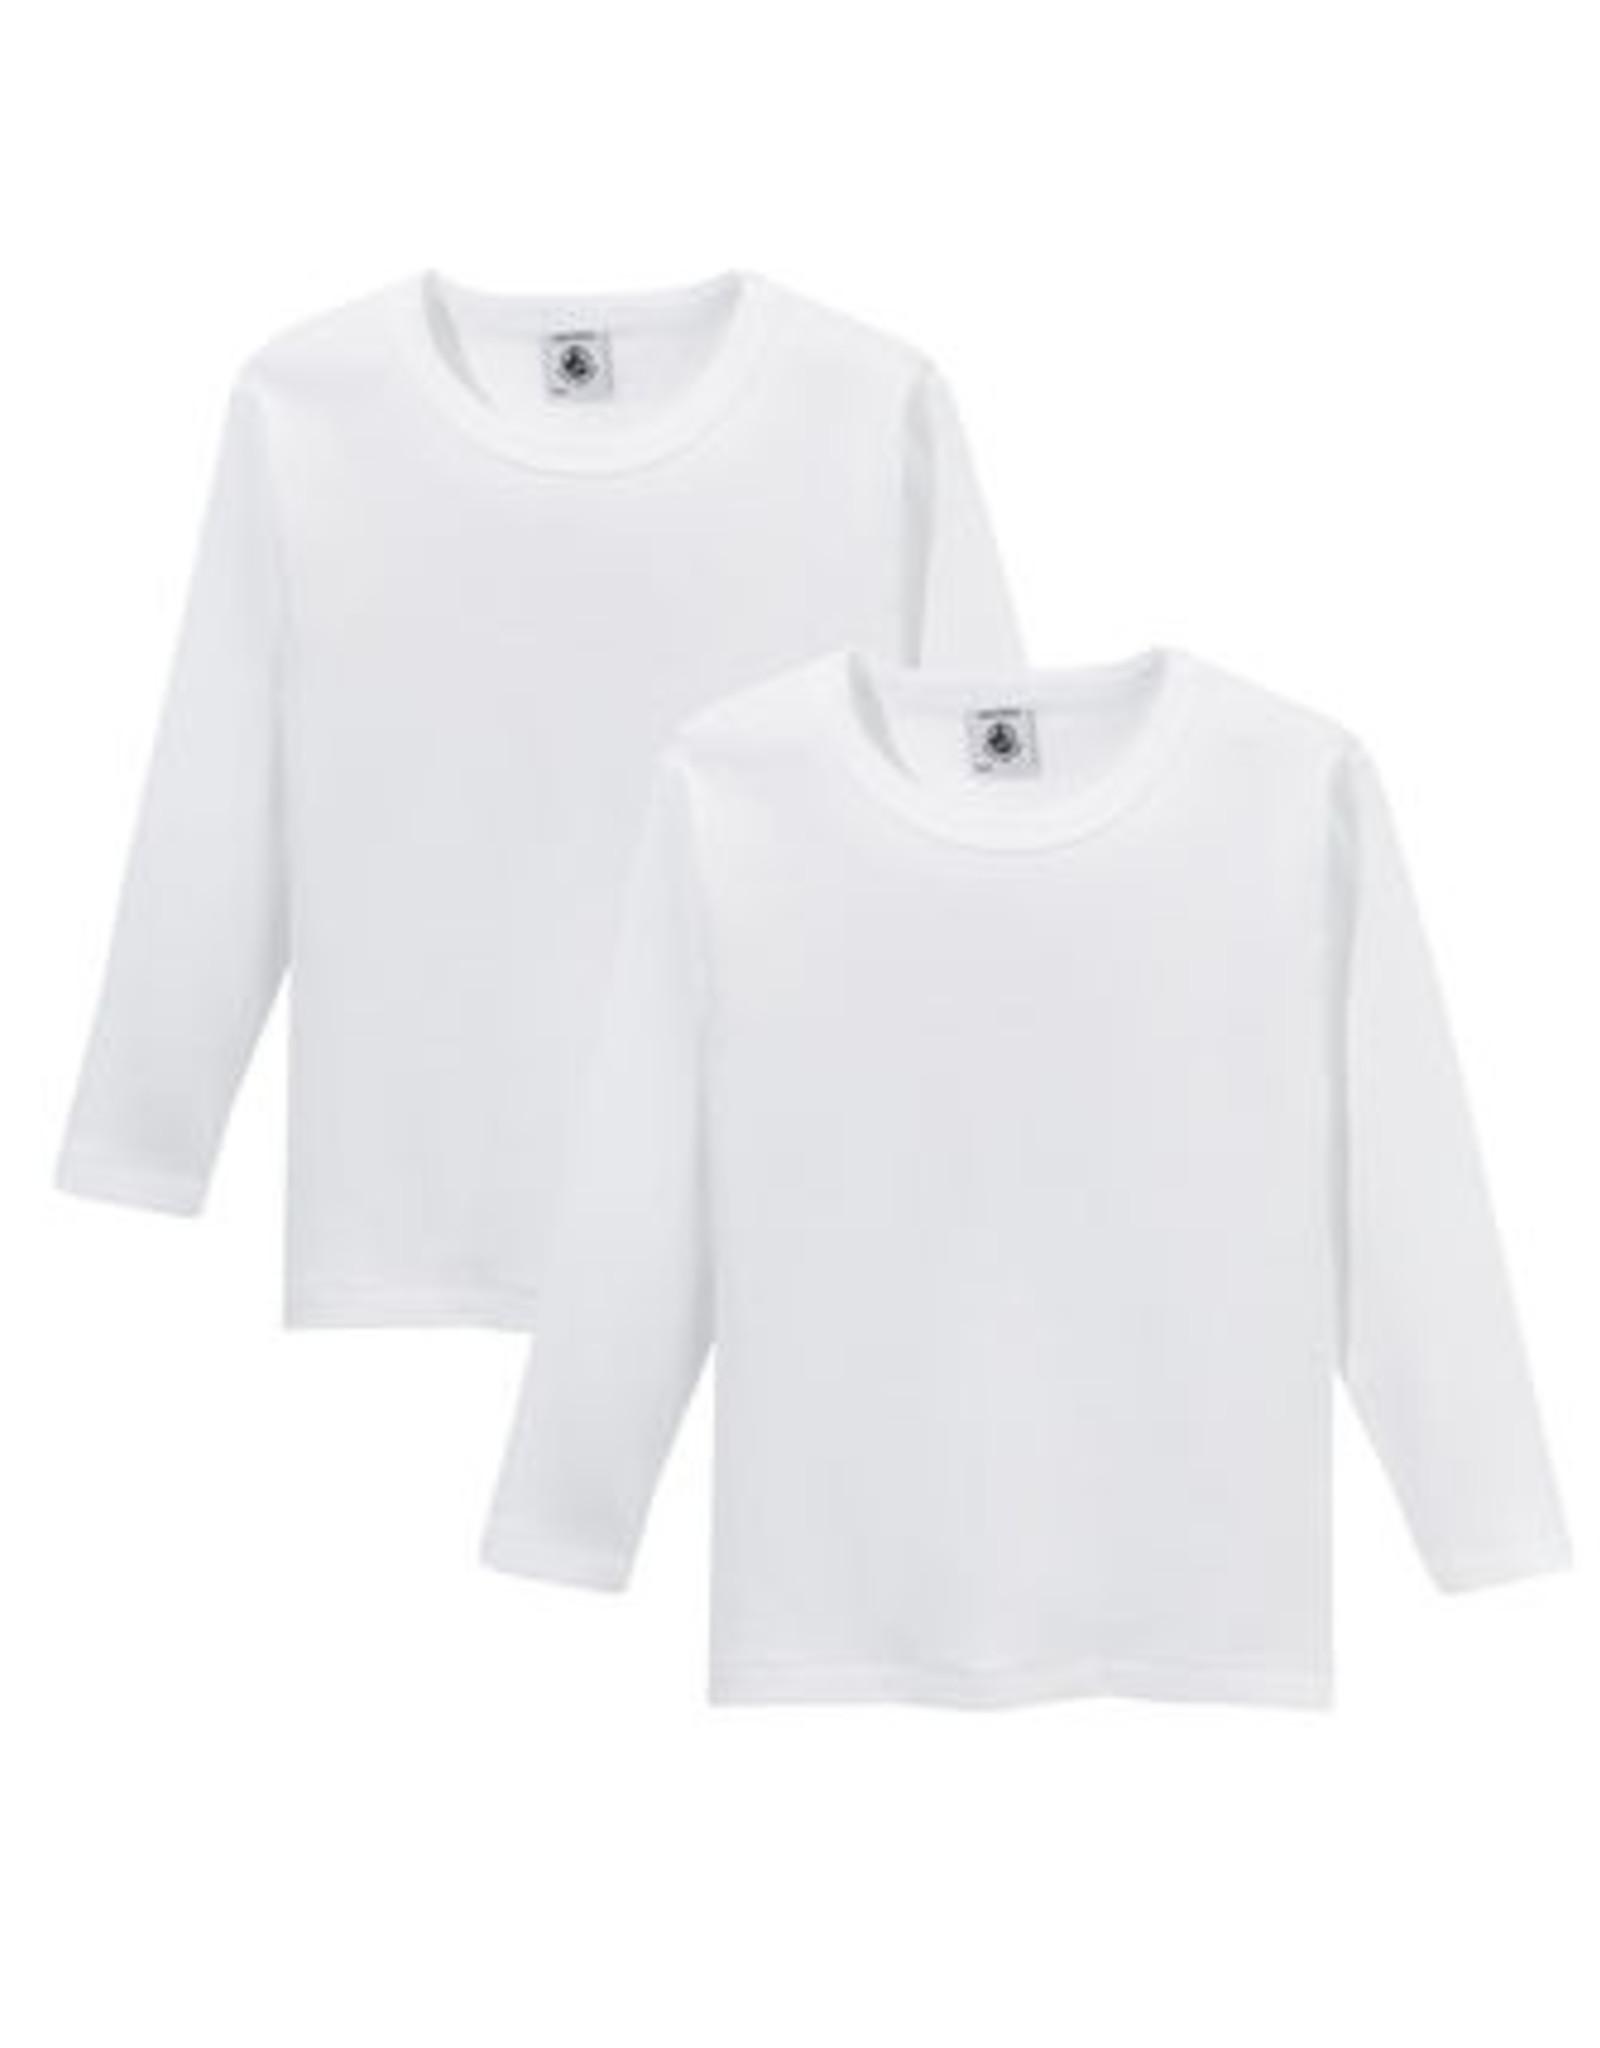 Petit Bateau T-Shirt - 2-Piece Set